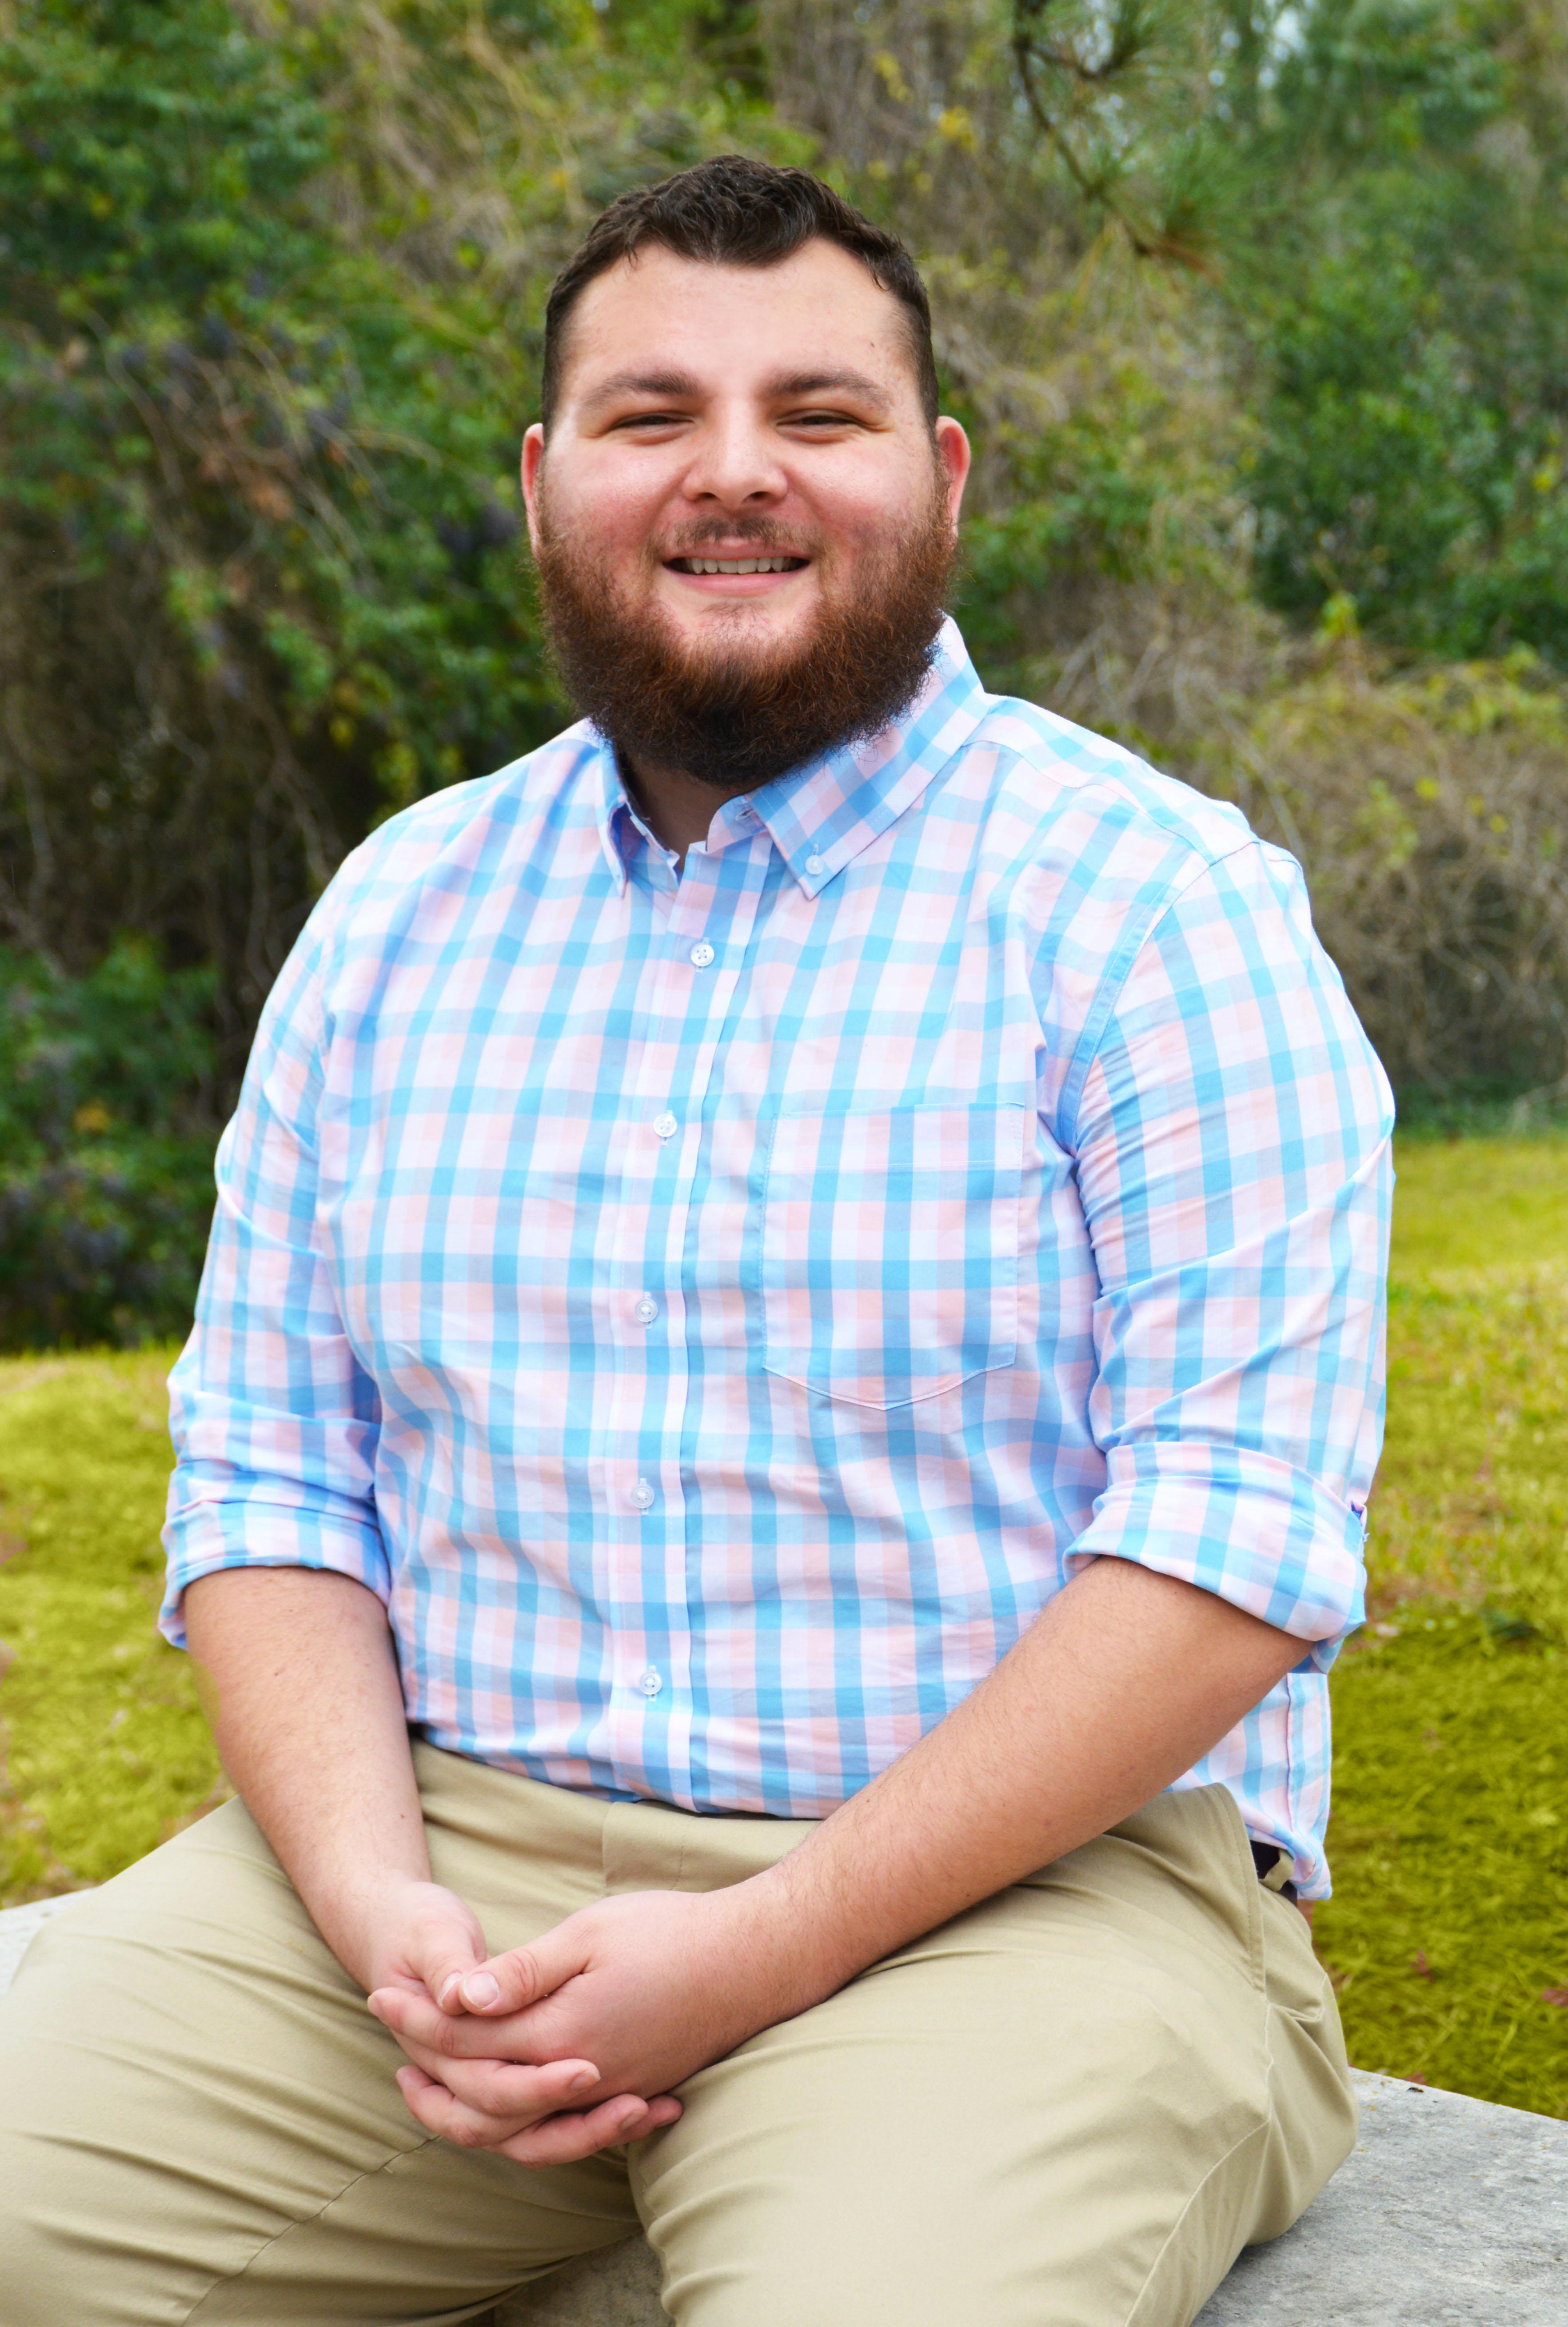 Christian Pharr